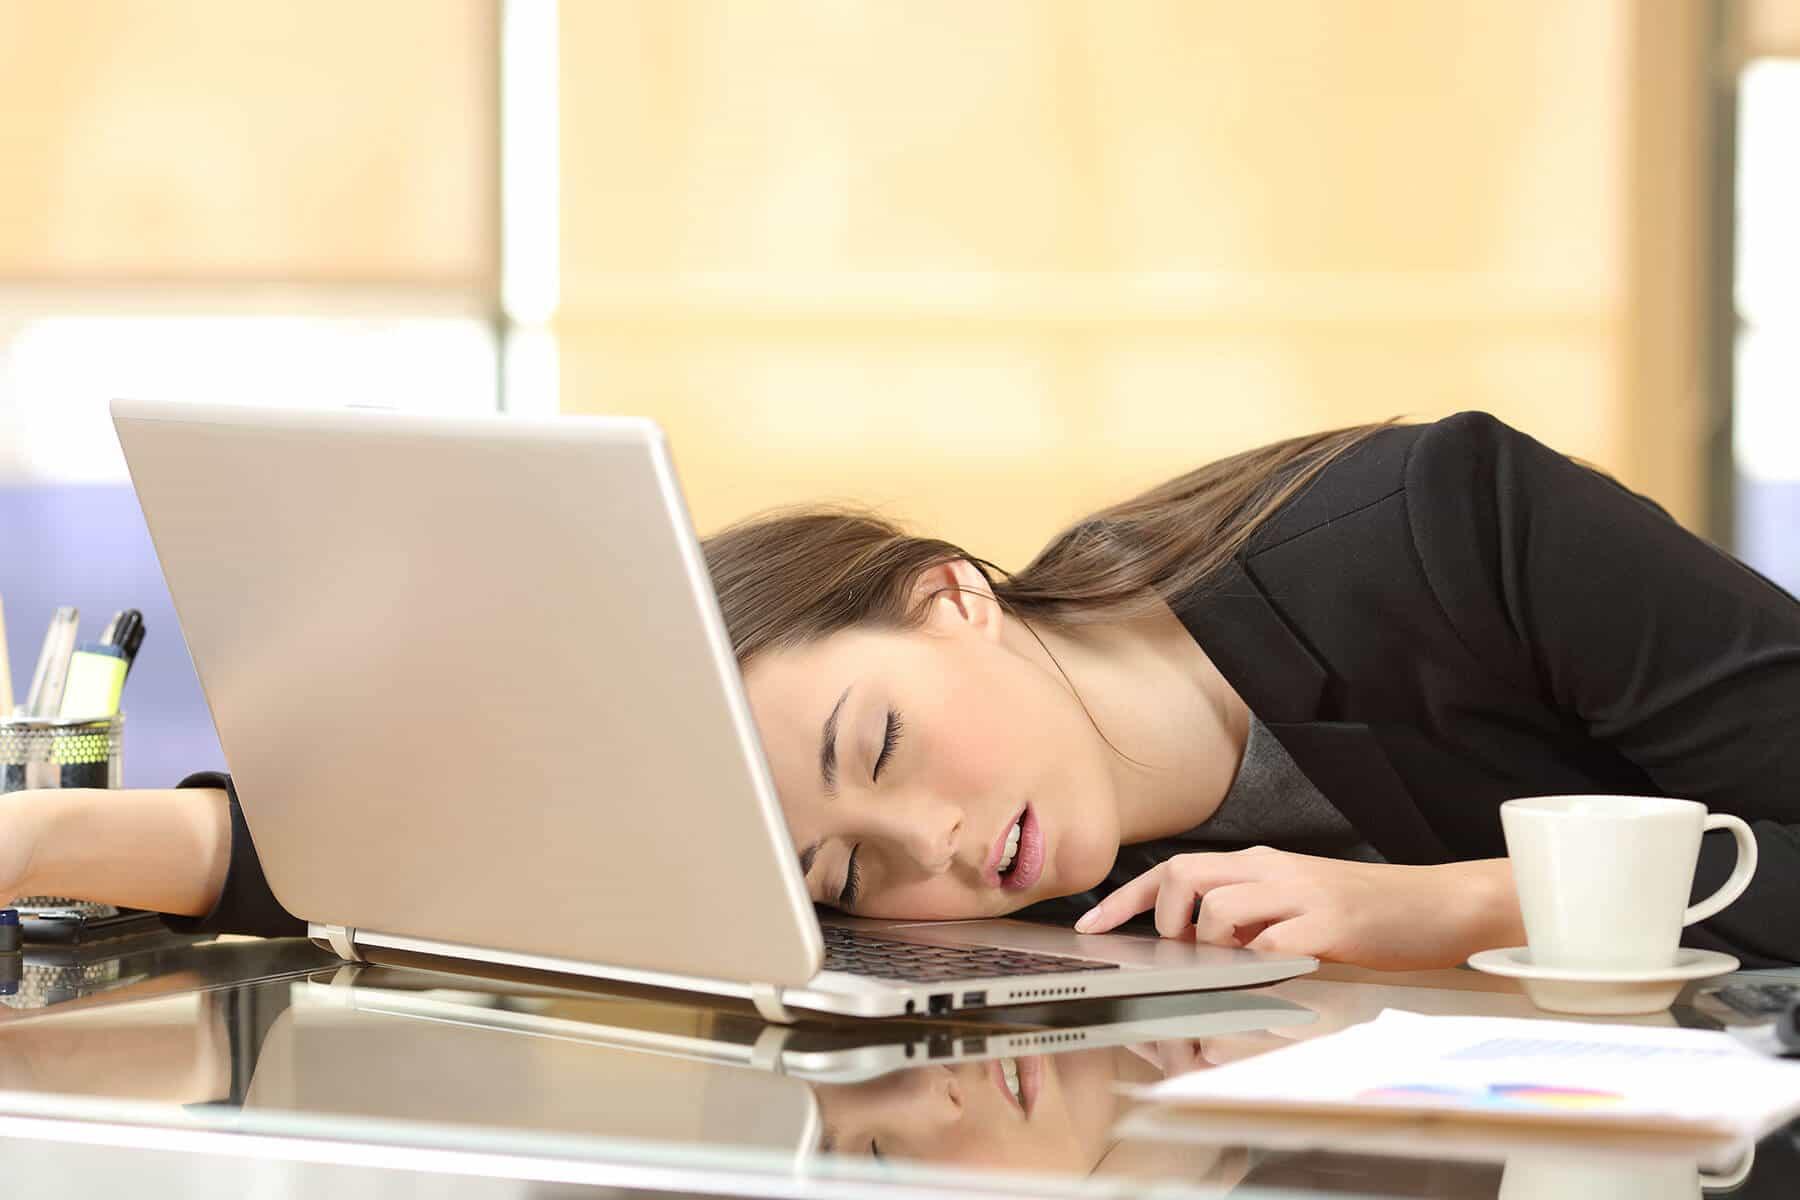 خواب کافی: دلایل علمی برای اینکه چرا باید خواب کافی داشته باشید